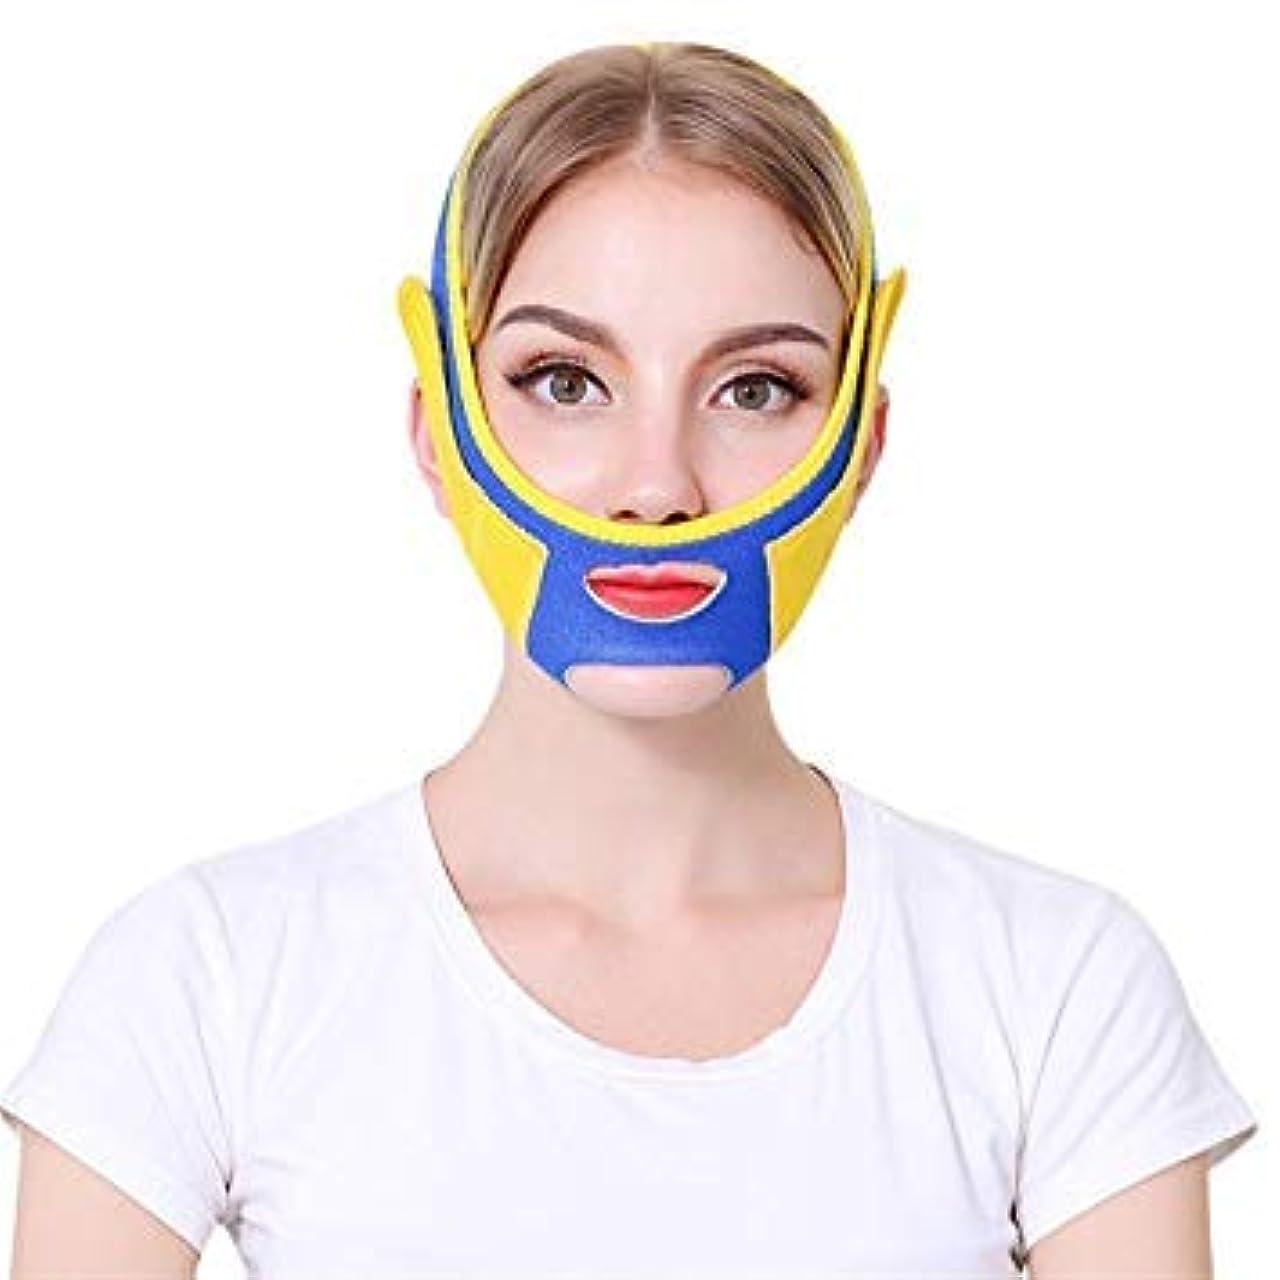 幻滅素晴らしいのれん顔のリフティングスリムウエストバンド、頬のV字型リフティング薄型マスク、滑らかで通気性のあるコンプレッションダブルあご付きで包帯を減らし、フェイスリフト/スリミング/スリープフェイス/マスクで体重を減らします (blue)